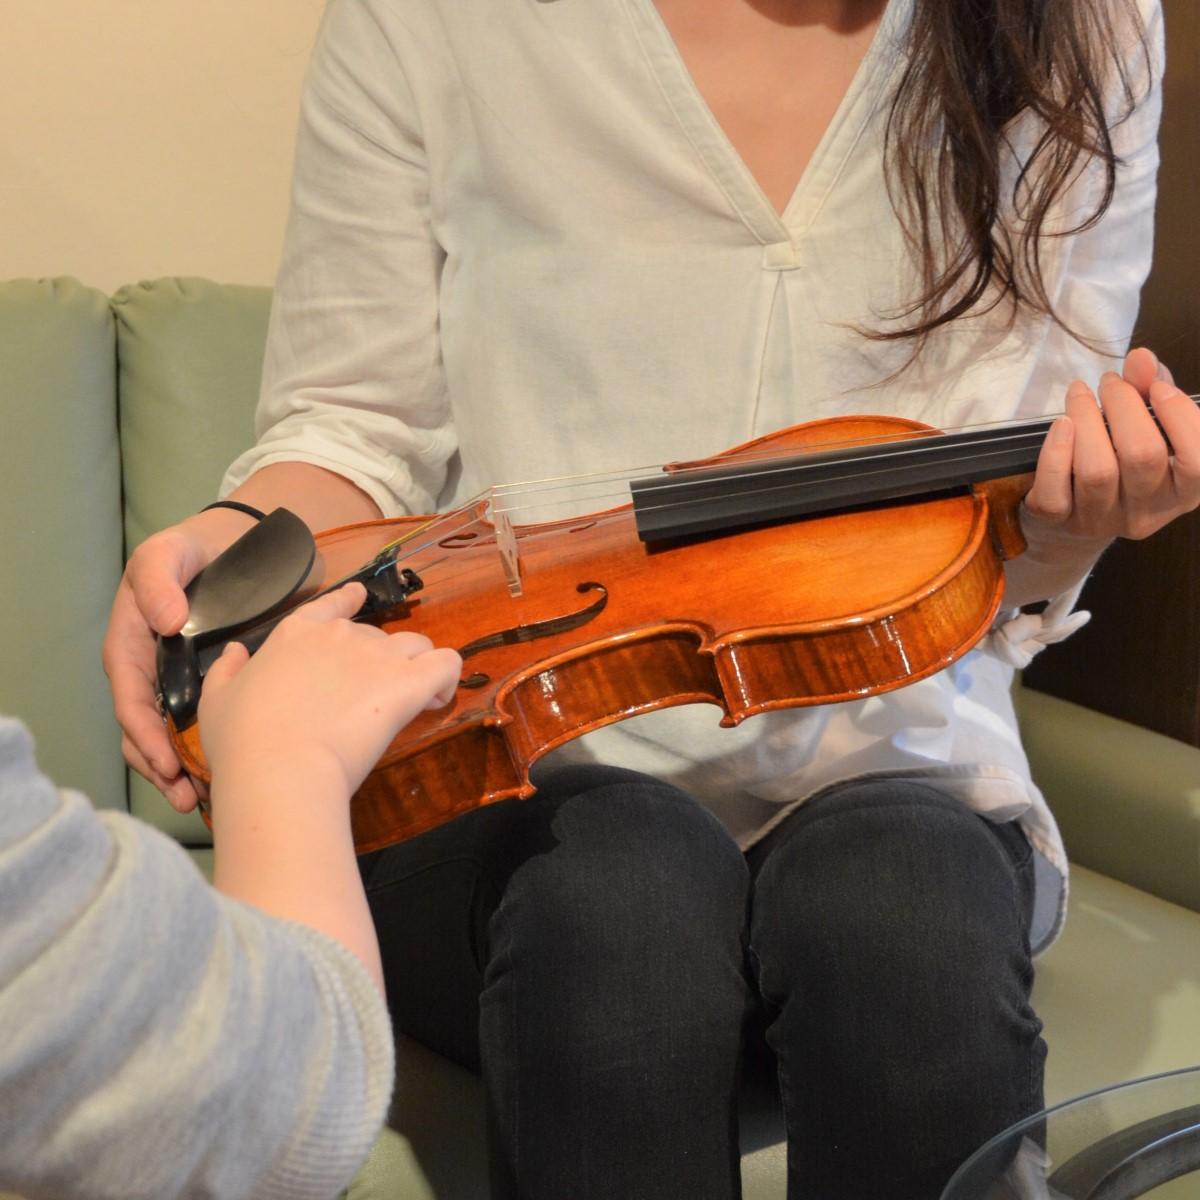 バイオリンの点検内容をお客様へ伝えている場面